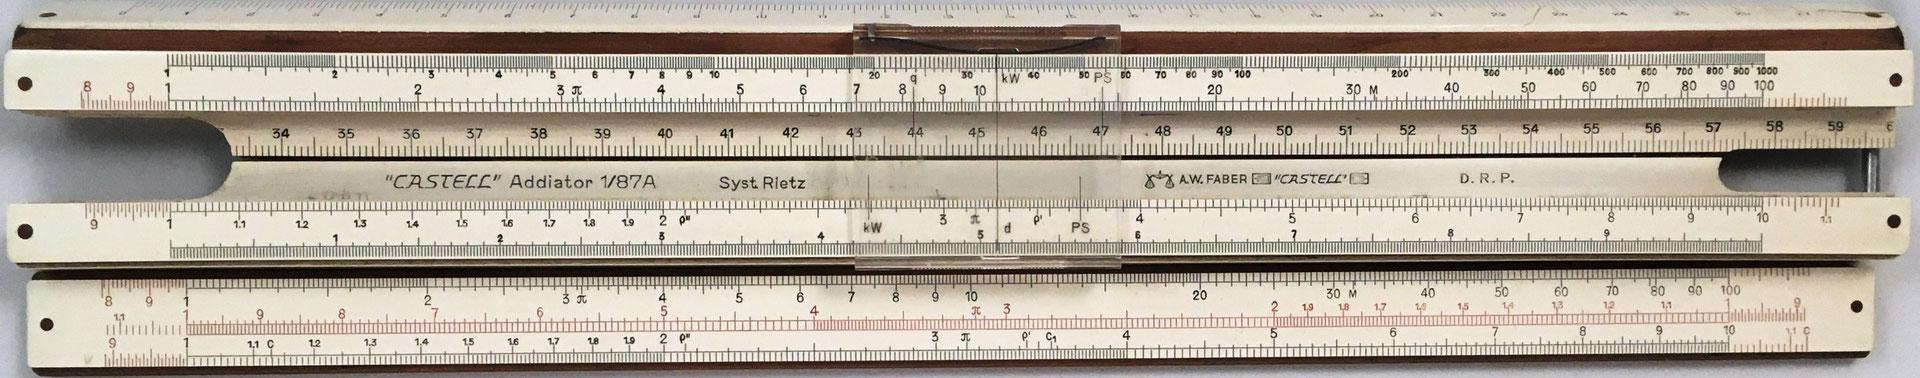 Anverso de la regla combinada FABER-CASTELL 1/87A y de la reglilla, sistema Rietz para ingenieros, arquitectos, maestros de taller y capataces